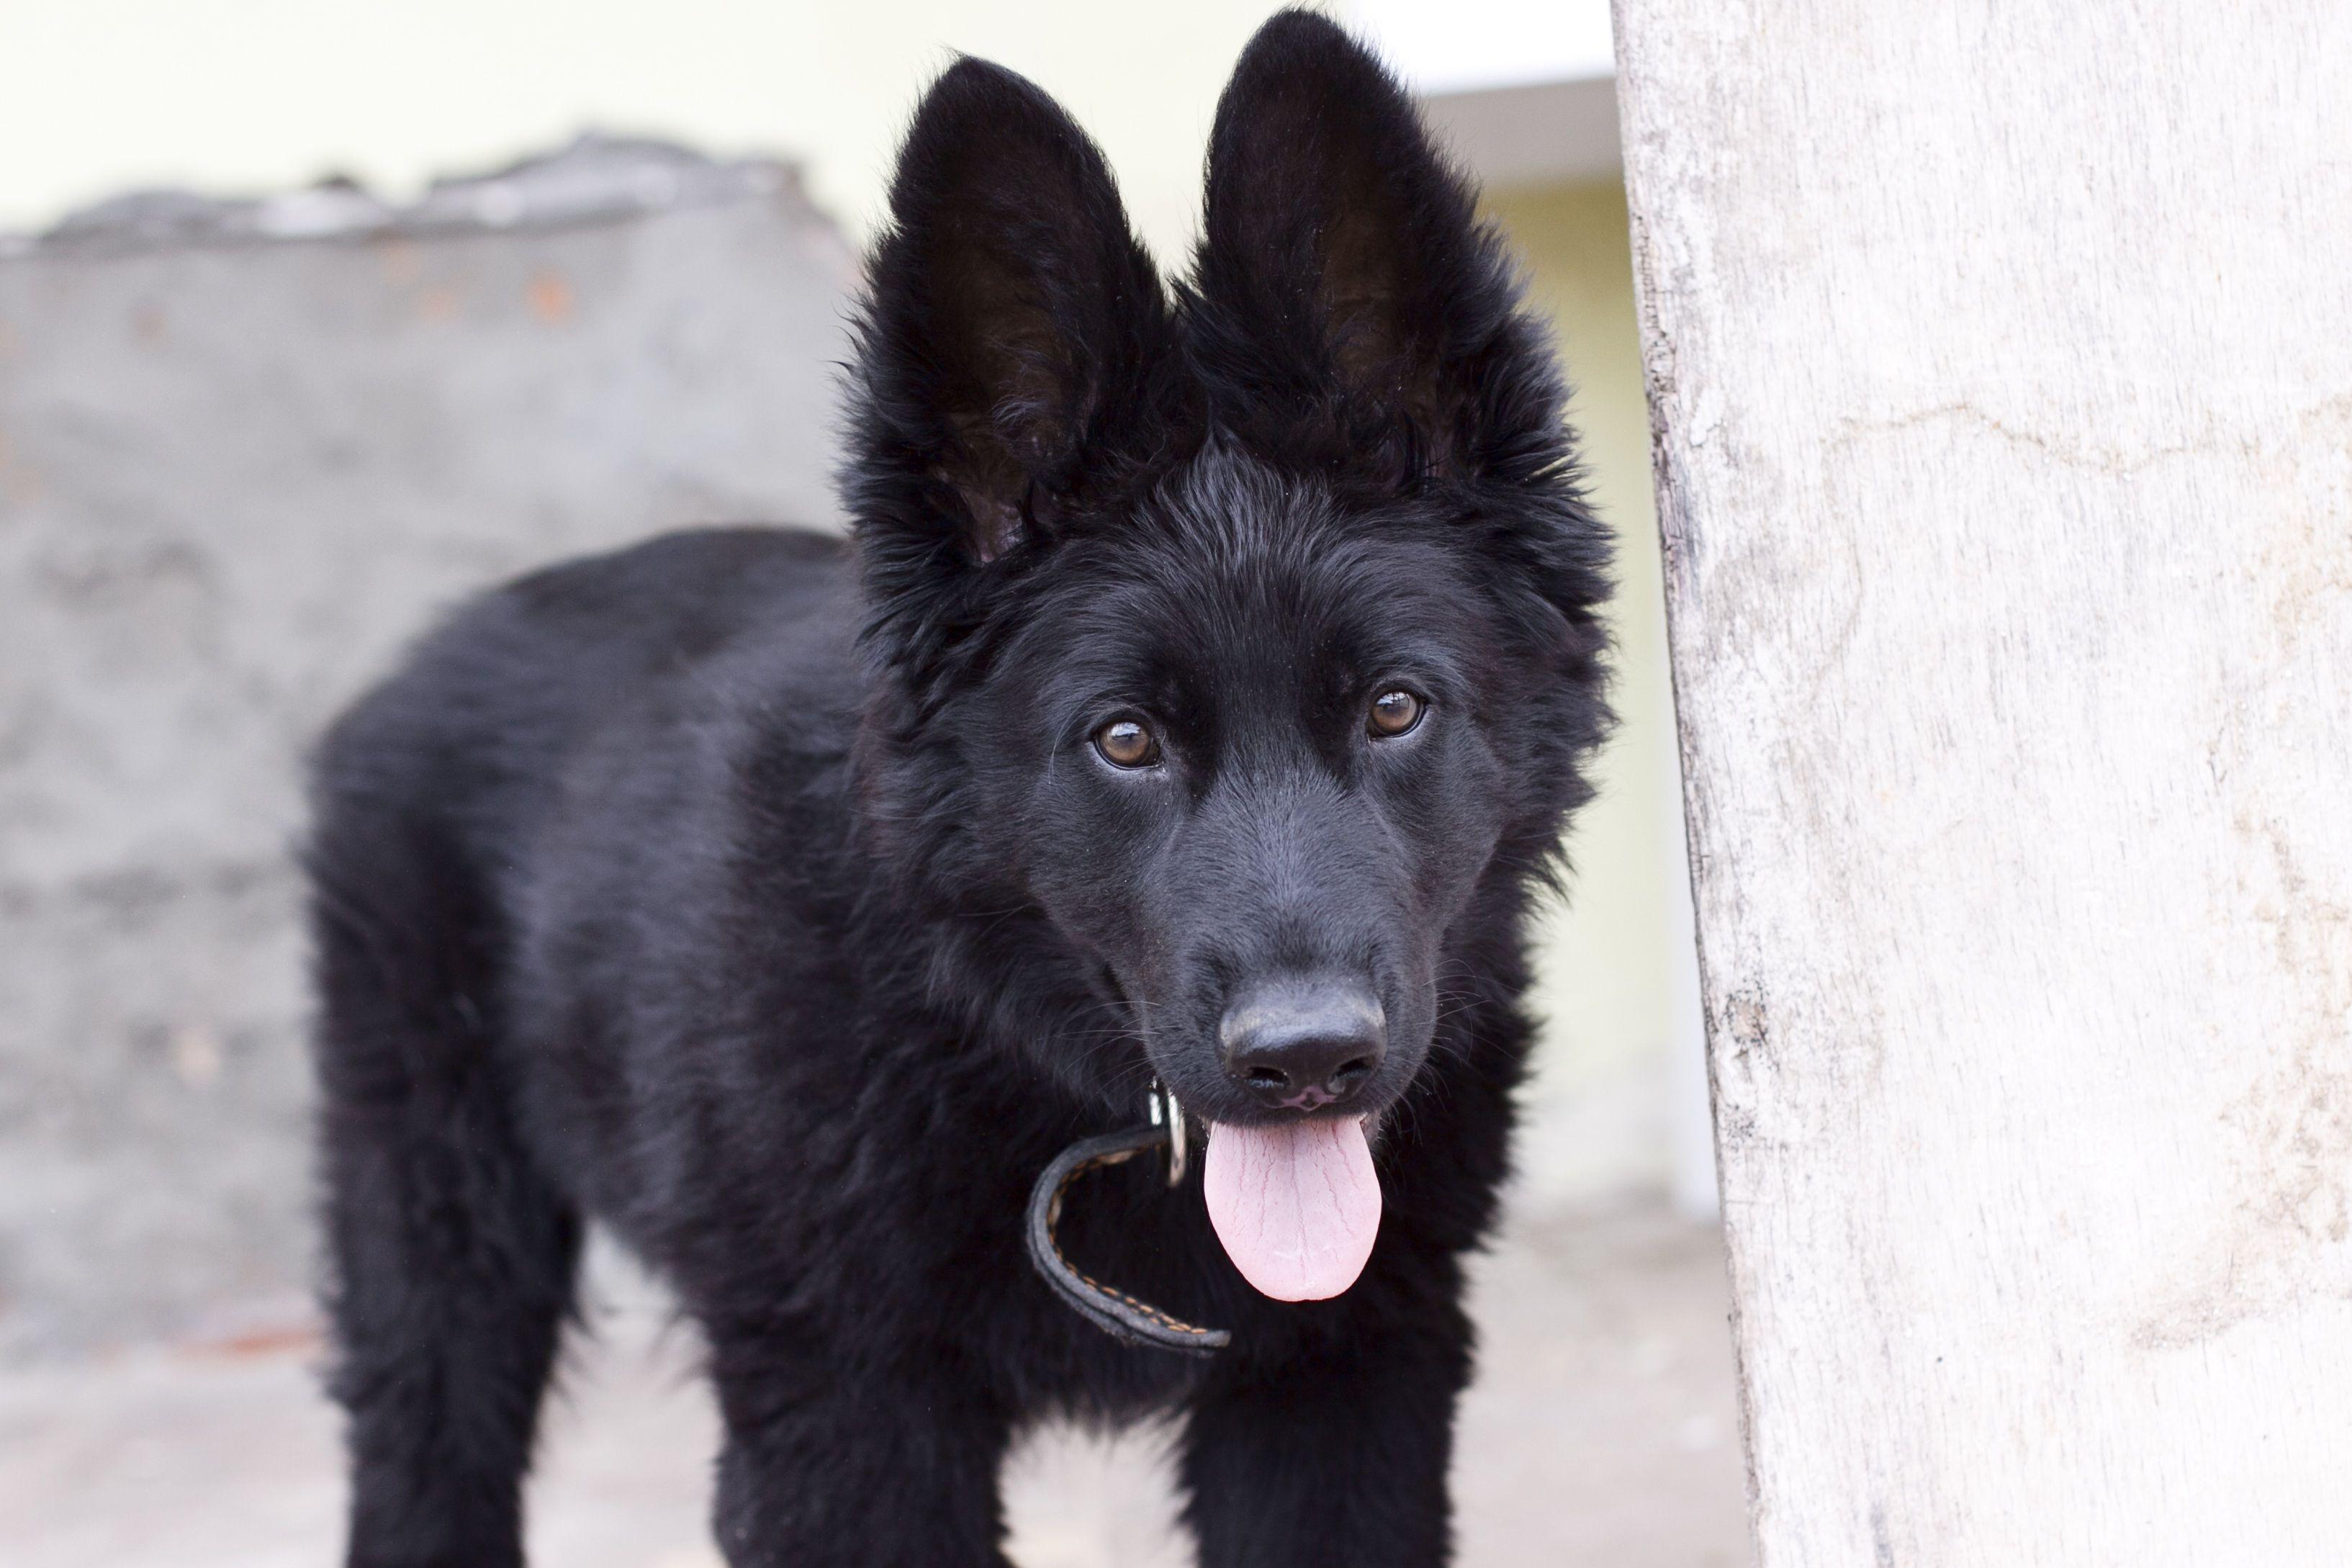 Free Images View Puppy Pet Portrait German Shepherd Black